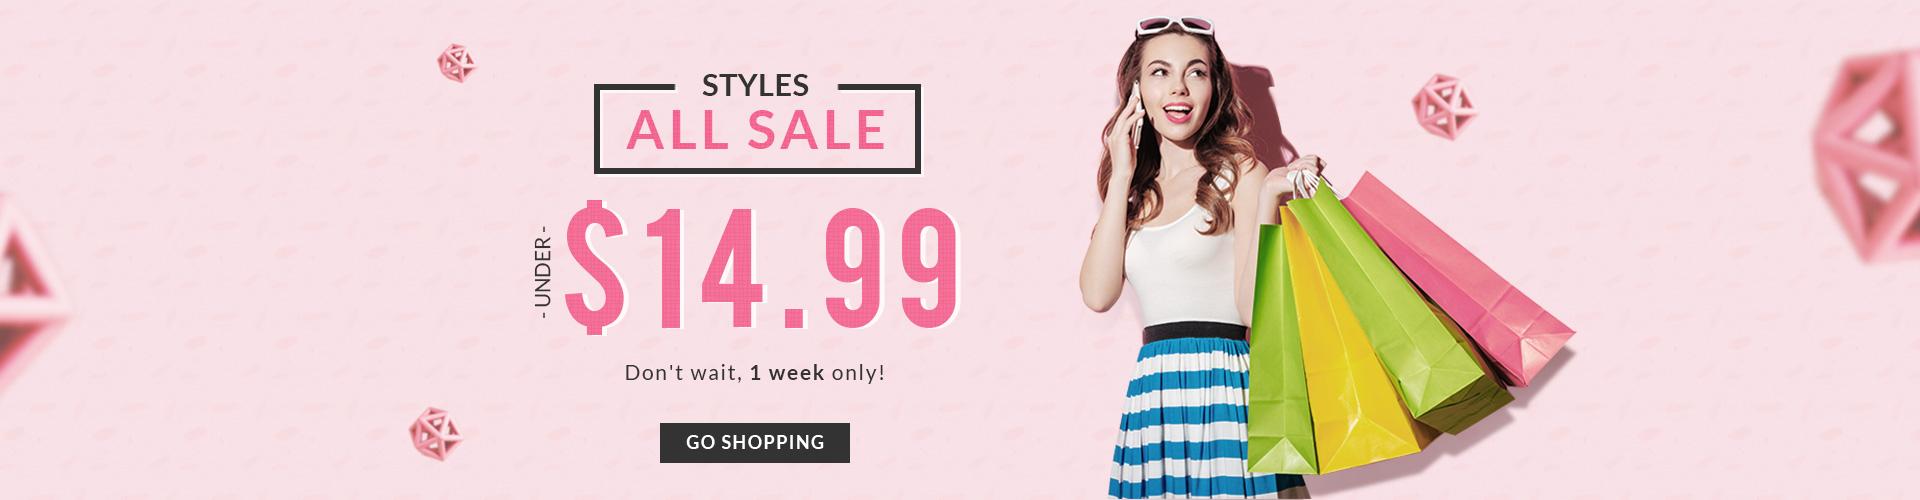 RoseGal RoseGal: clothing & accessories under $14.99